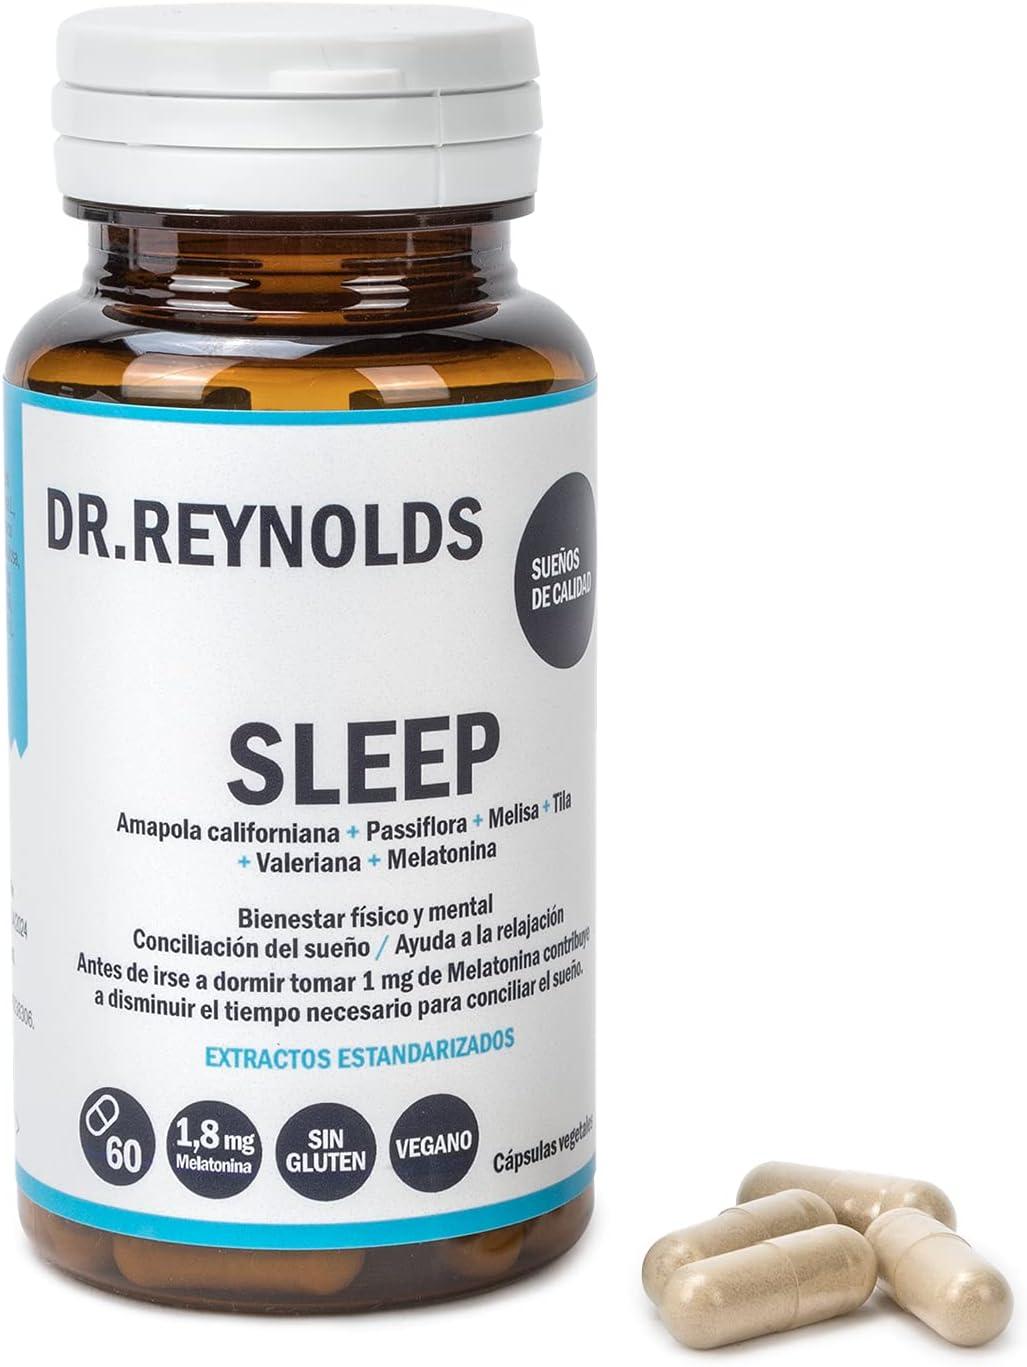 DR.REYNOLDS - Sleep   Melatonina 1.8 mg + Valeriana + Tila + Melisa + Pasiflora   Para dormir bien y mejorar el sueño   Ayuda a la relajación, fatiga y jet lag   Natural   Vegano   Sin Gluten   60 Uds